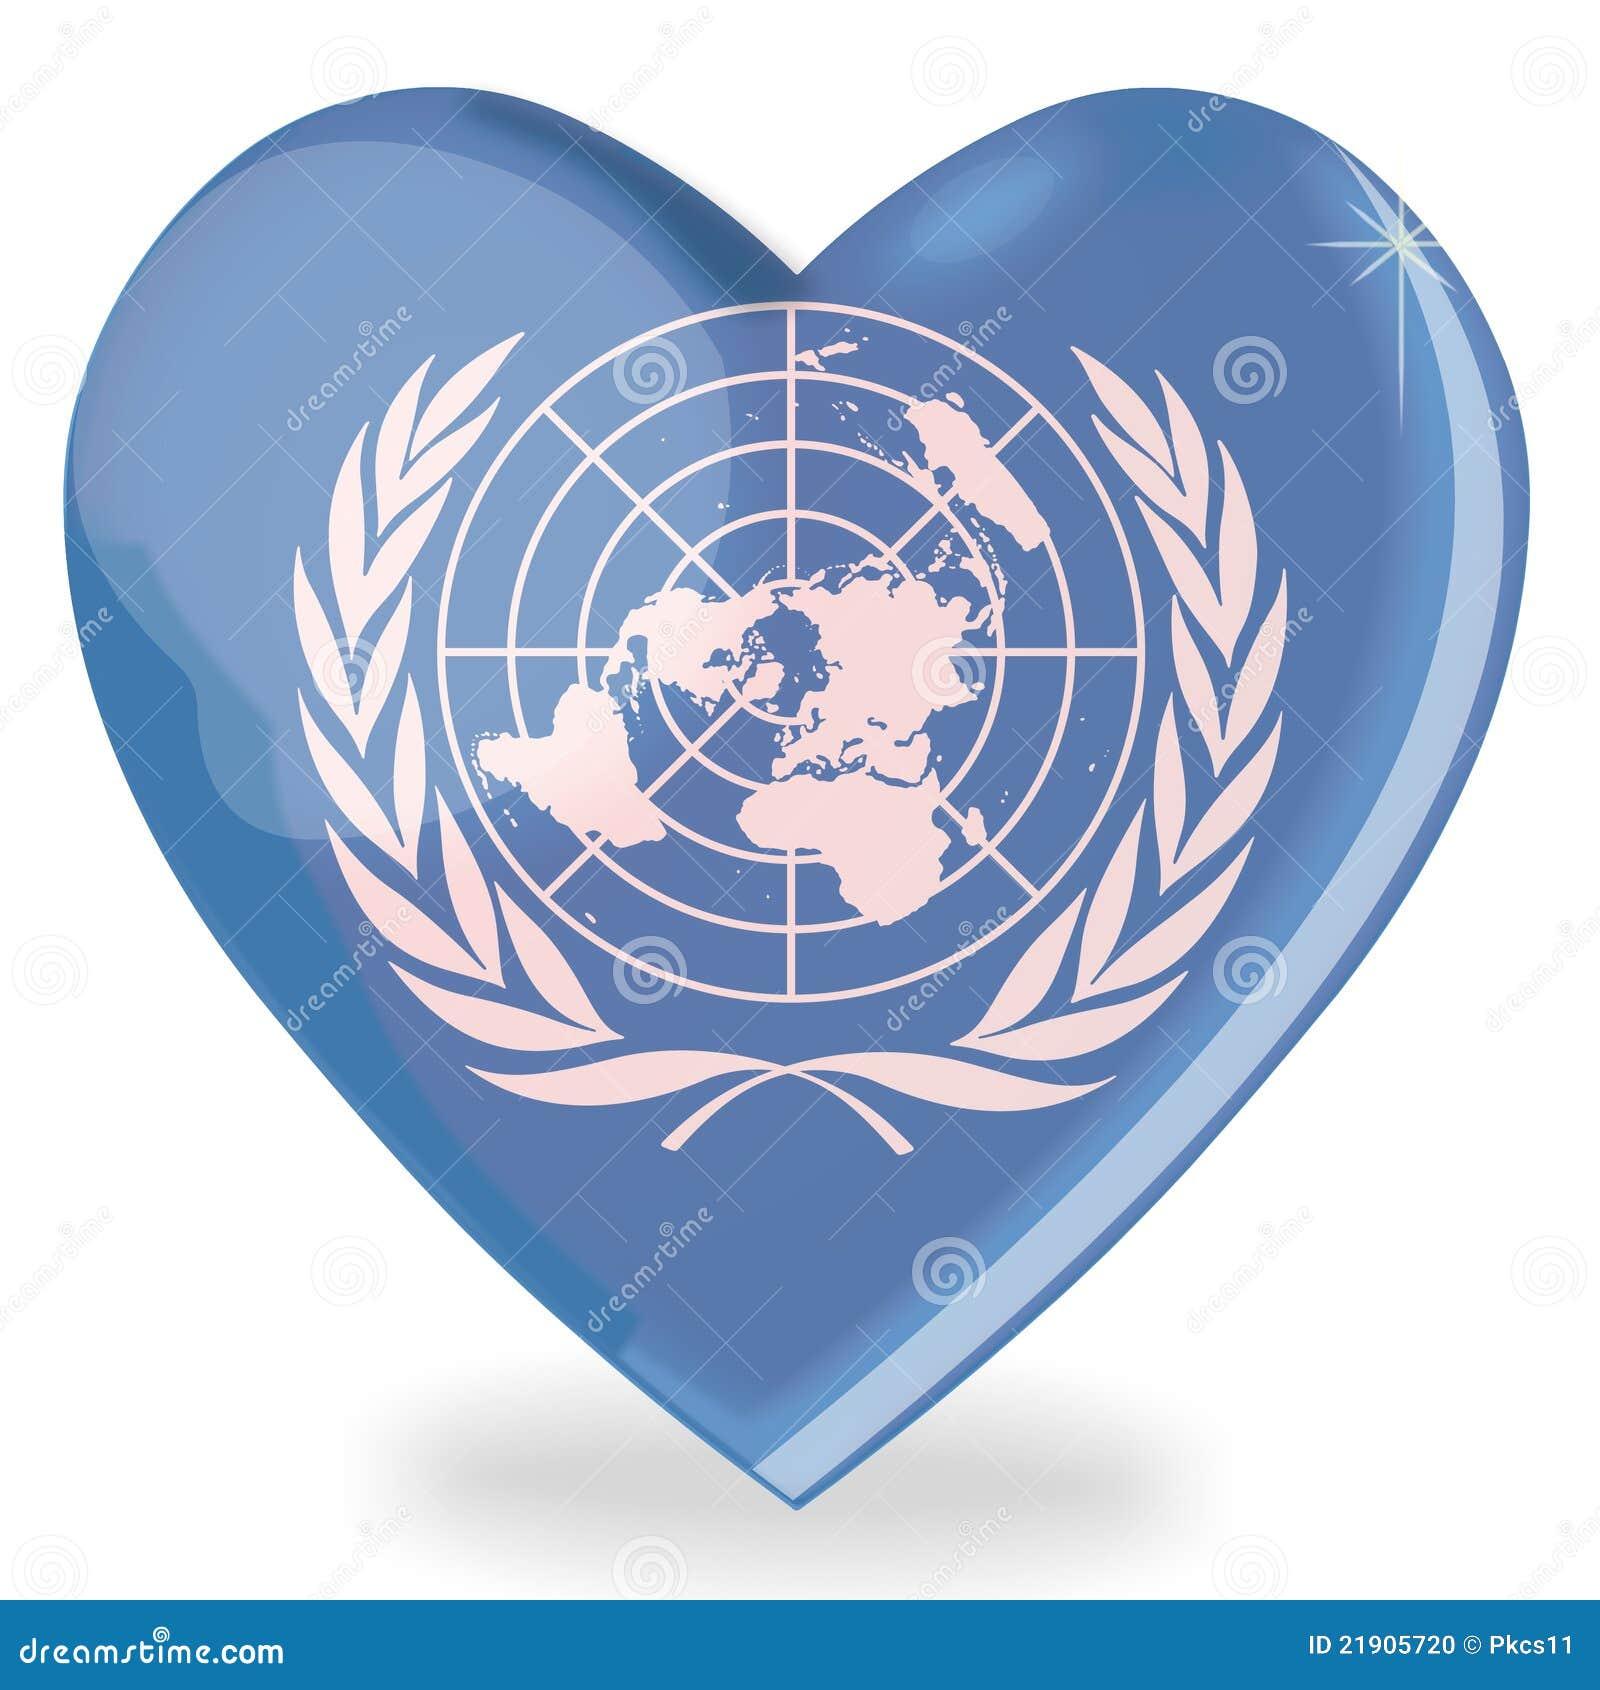 united nations flag heart shape stock illustration image 21905720. Black Bedroom Furniture Sets. Home Design Ideas